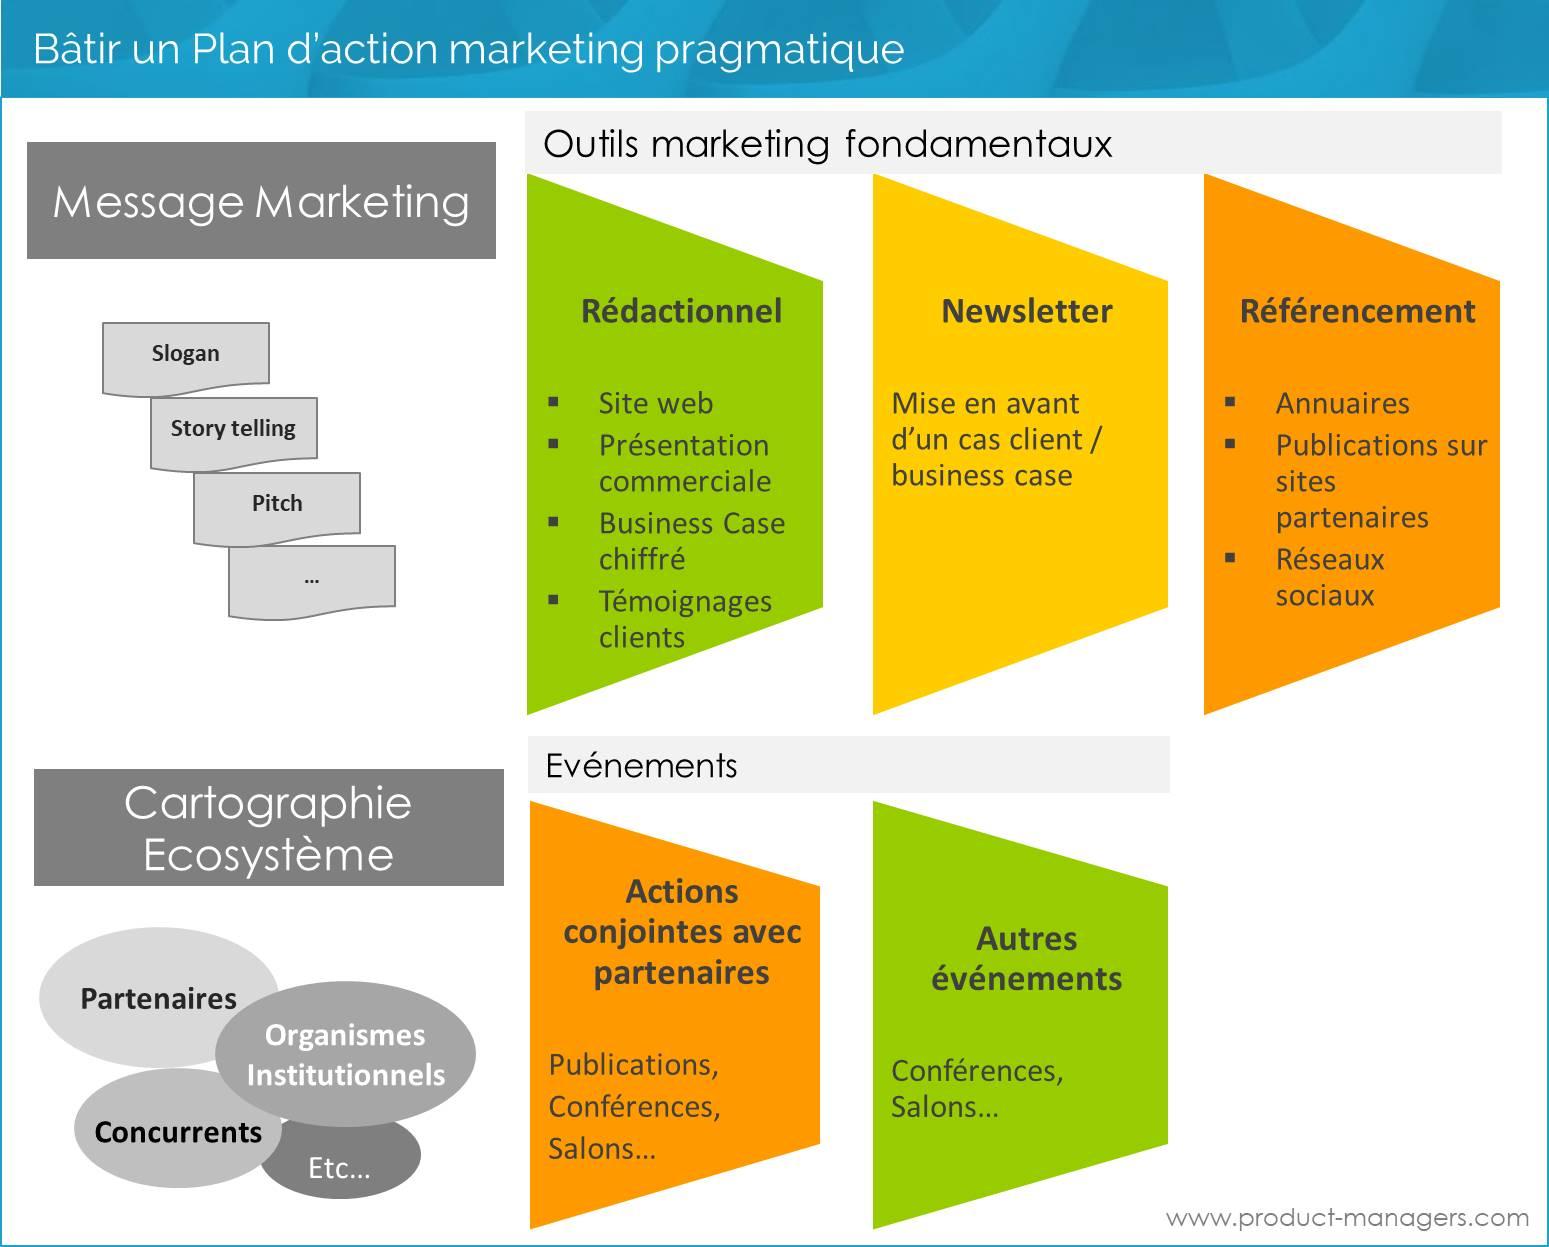 Un Plan D Actions Marketing Structure Pour Gagner Strategie Produit